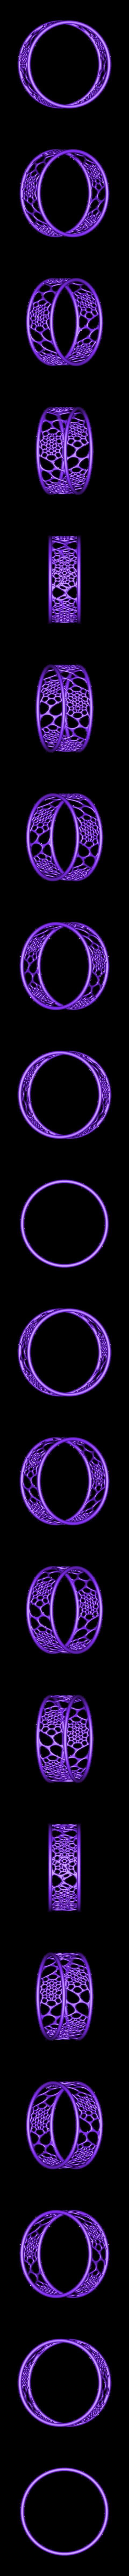 bracelet023.stl Download free STL file Bracelet23 • 3D printable model, ernestmocassin